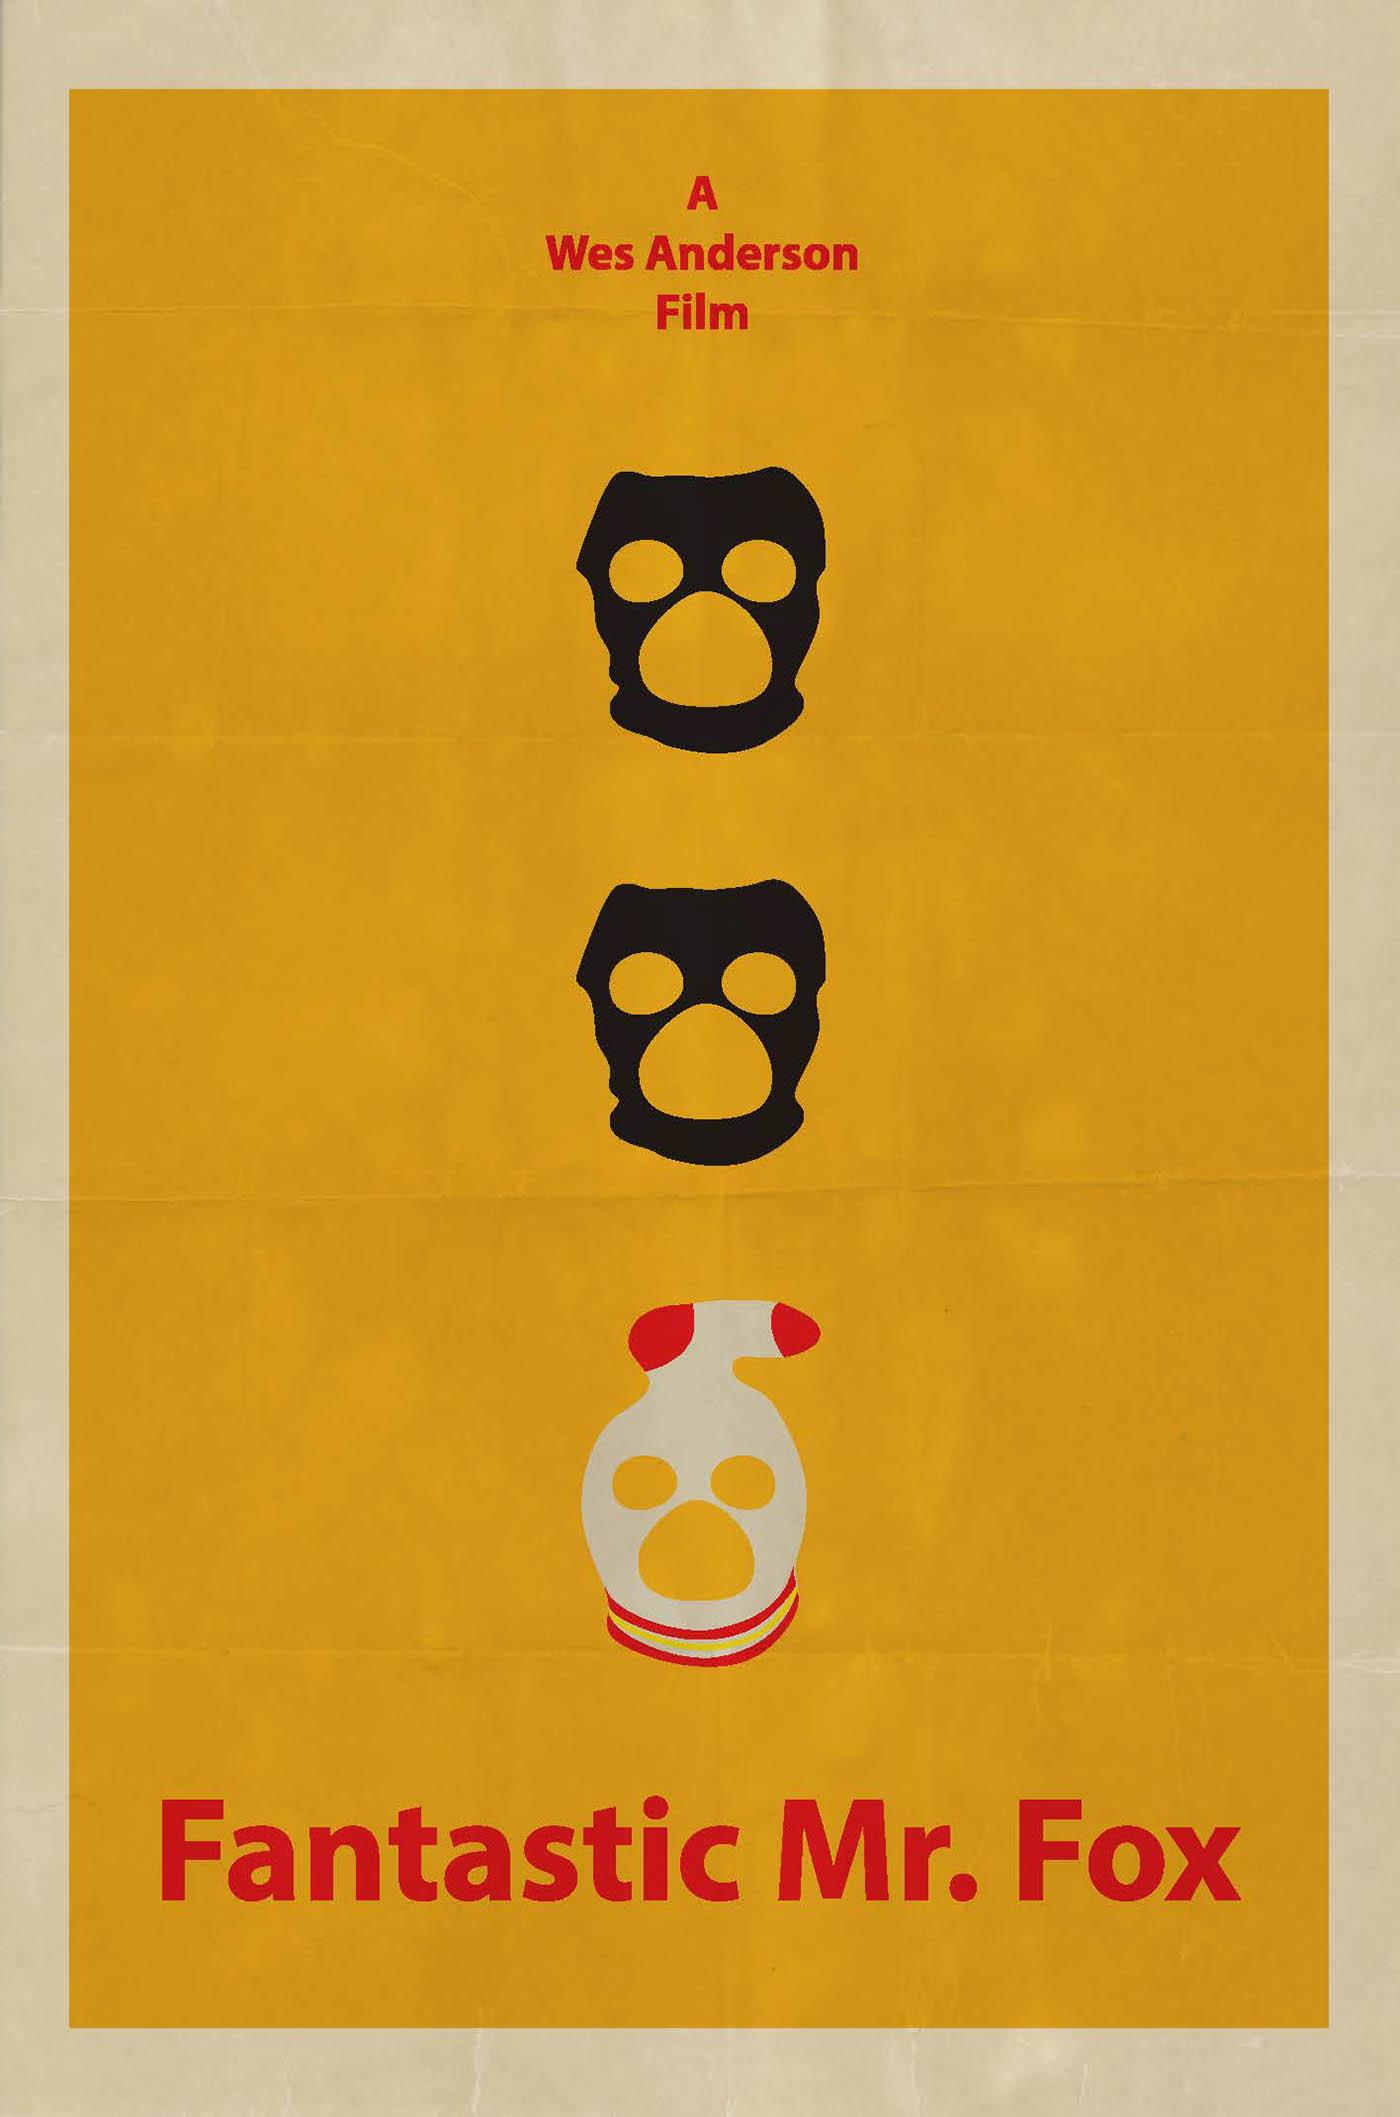 Fantastic Mr Fox Poster On Behance